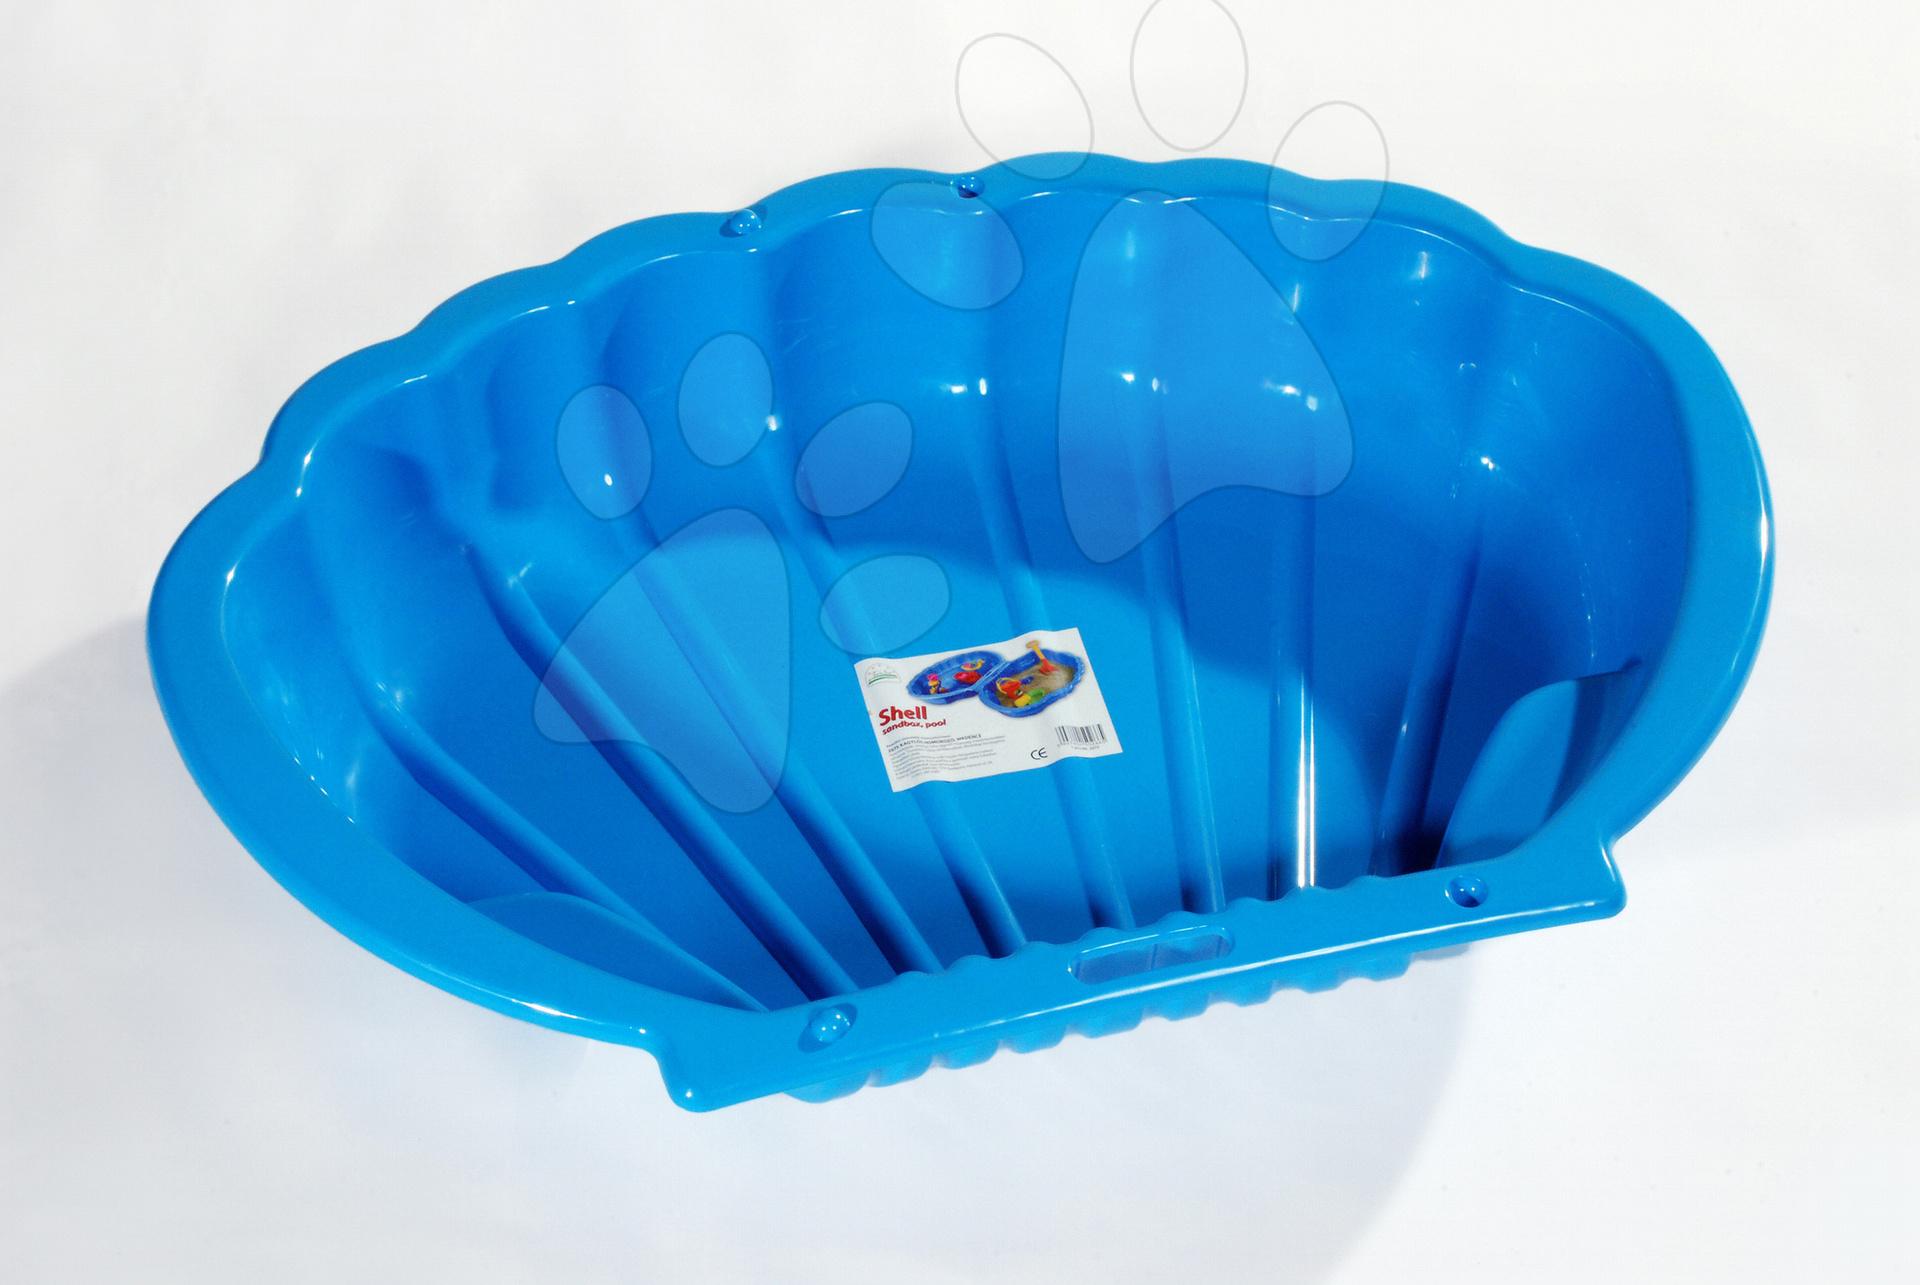 Homokozó Kagyló Dohány kék térfogat 112 liter 109*78 cm 24 hó-tól